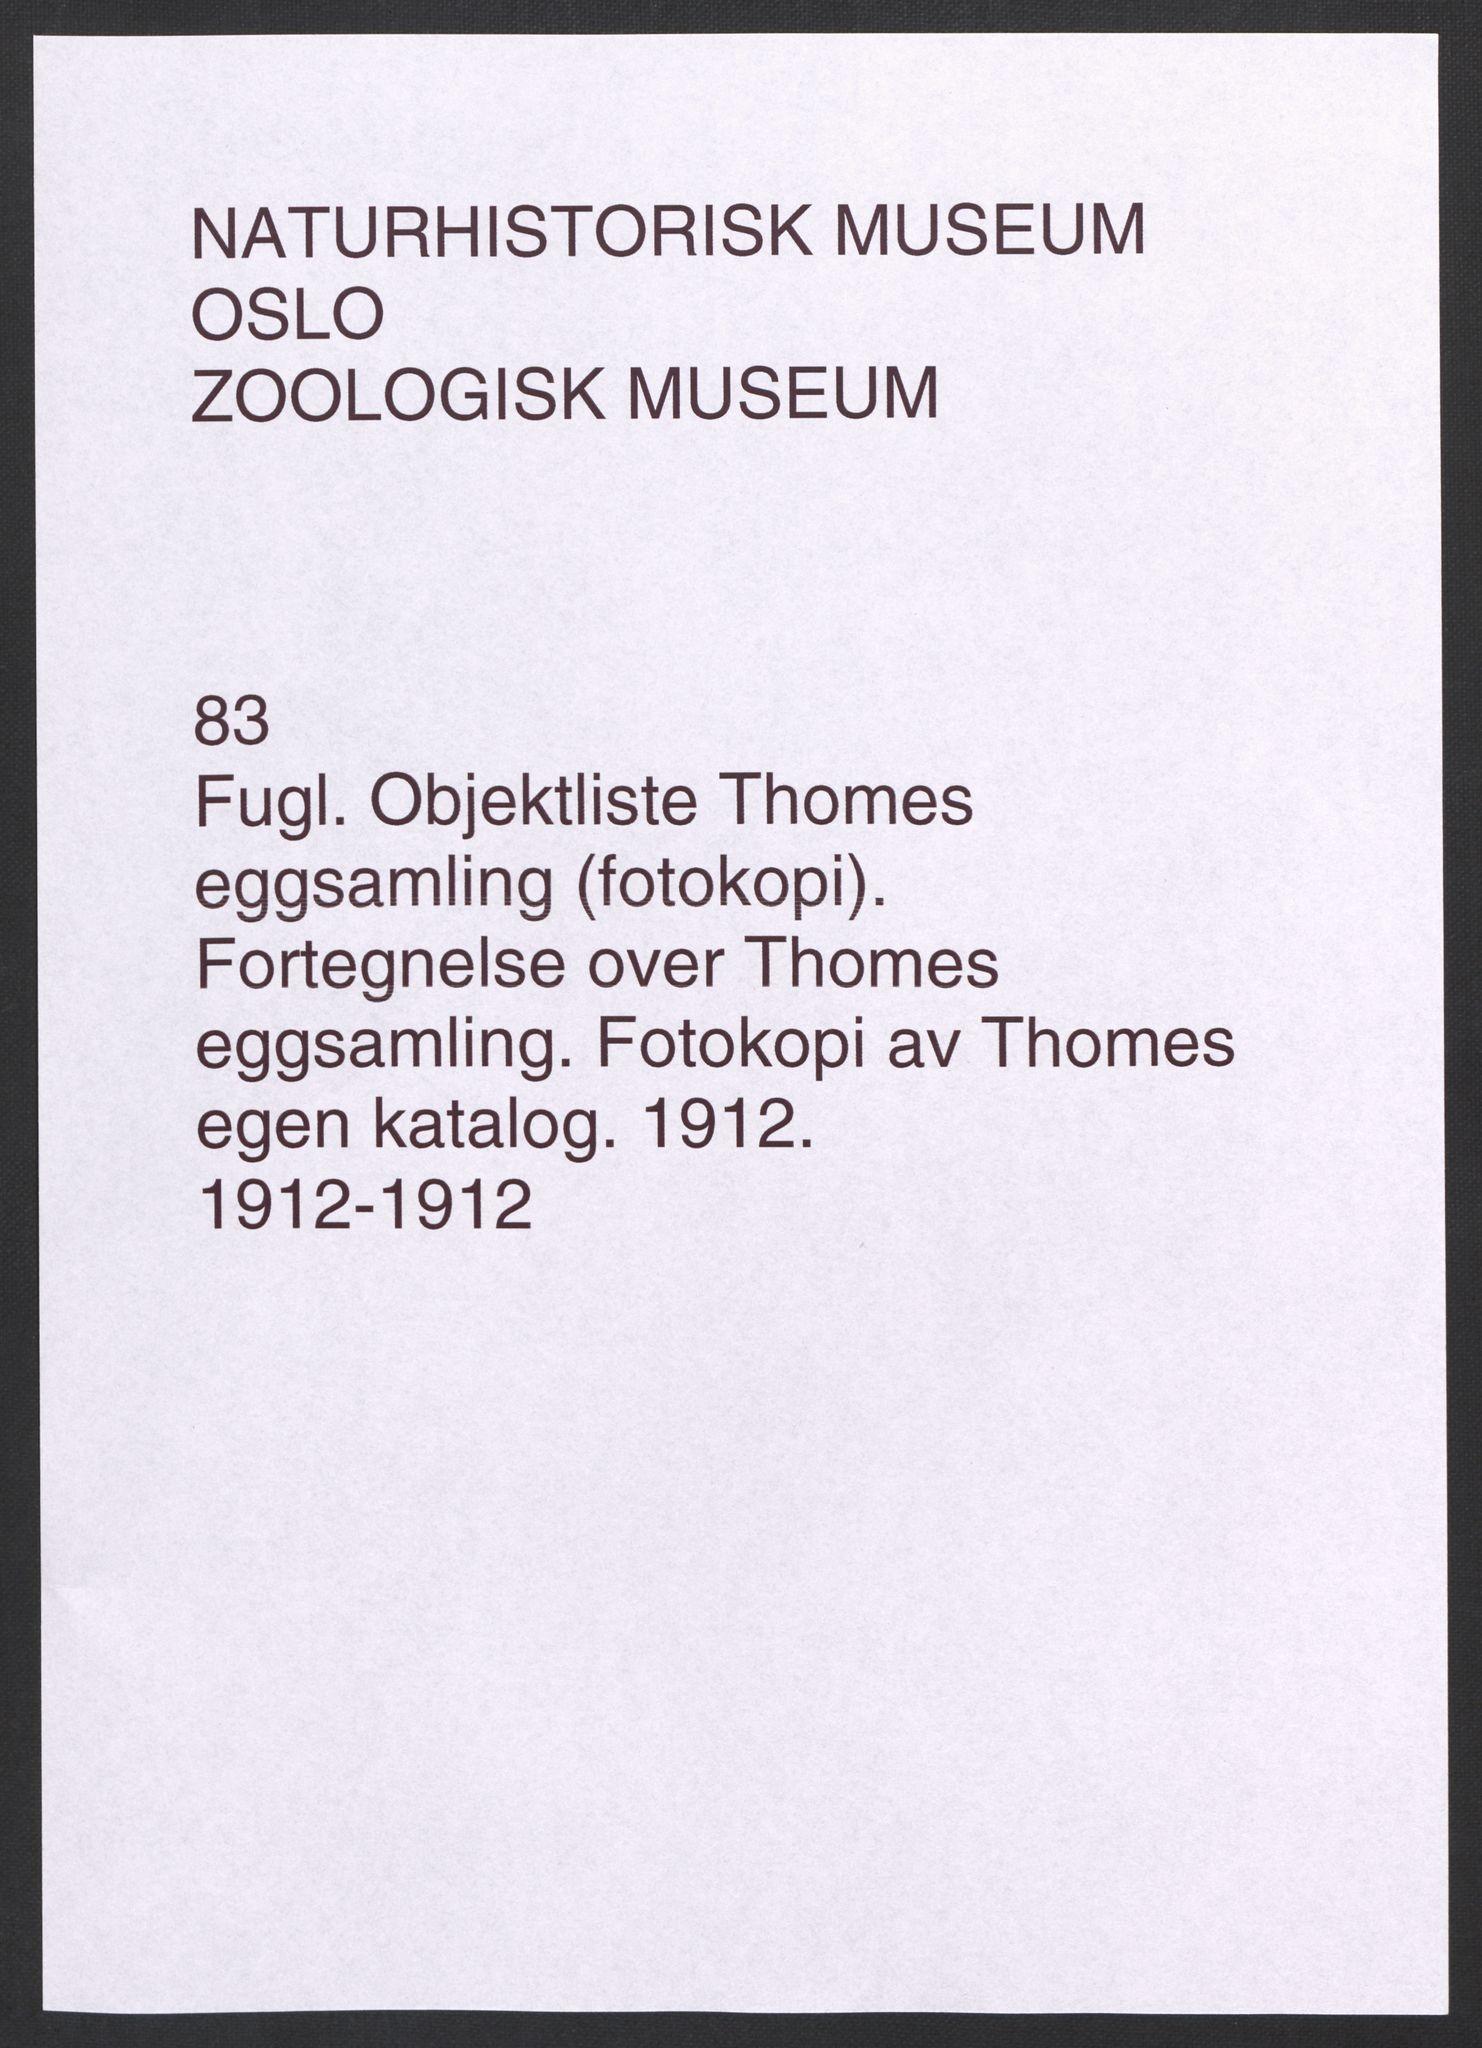 NHMO, Naturhistorisk museum (Oslo), 2: Fugl. Objektliste. Fortegnelse over Thomes eggsamling., 1912